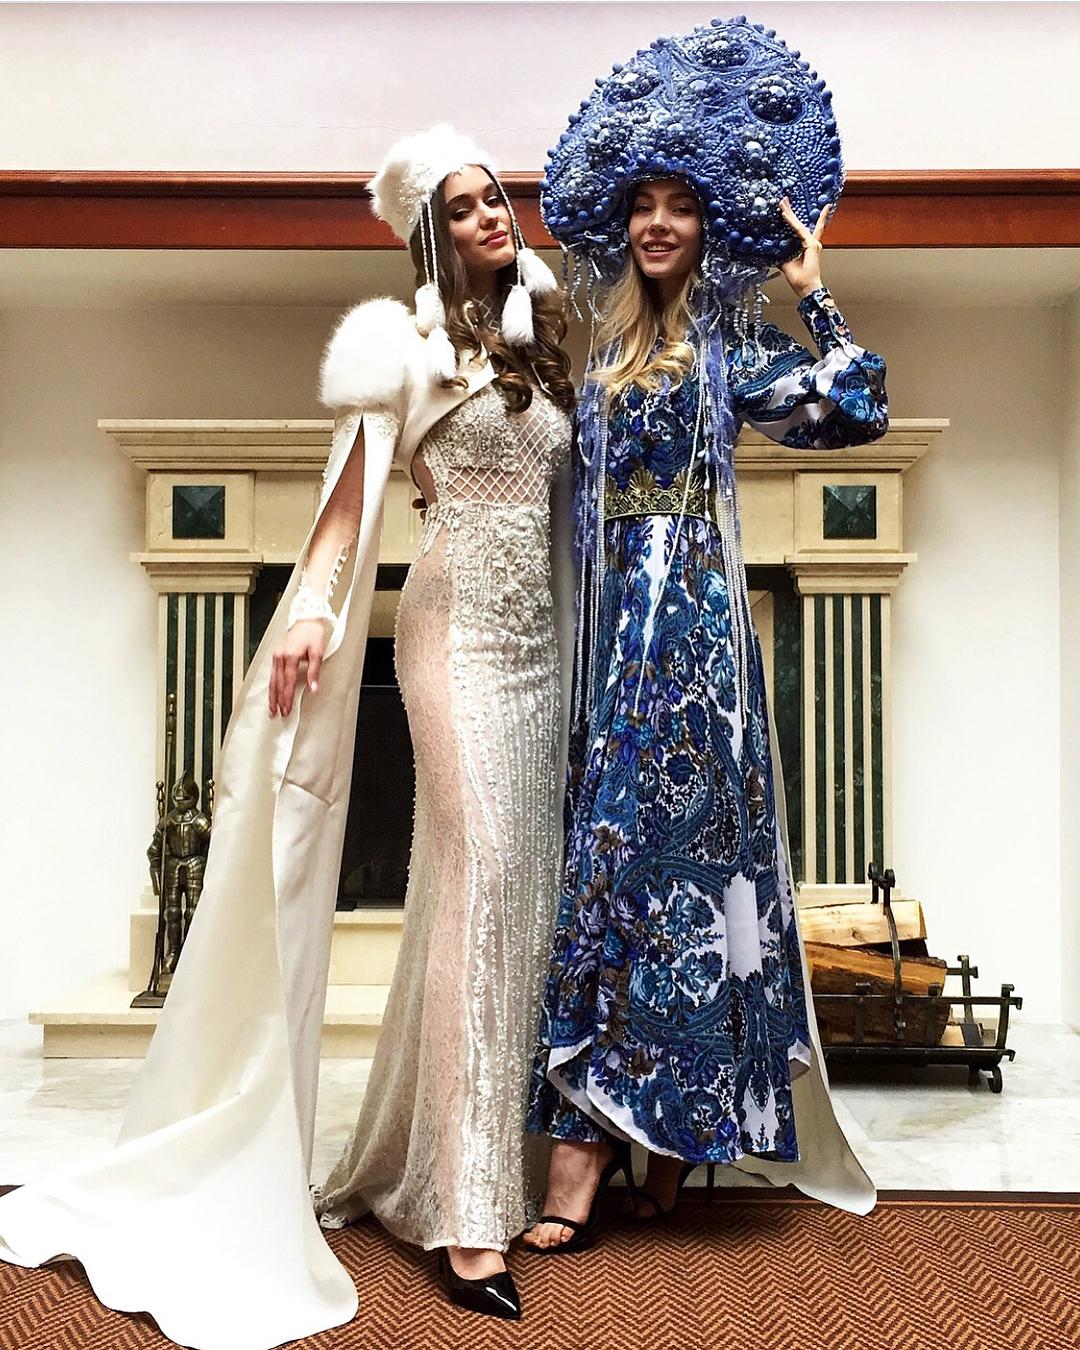 29096463_349149898922304_7245818495043108864_n Участница конкурса красоты «Мисс Россия» из Якутии представила национальный костюм